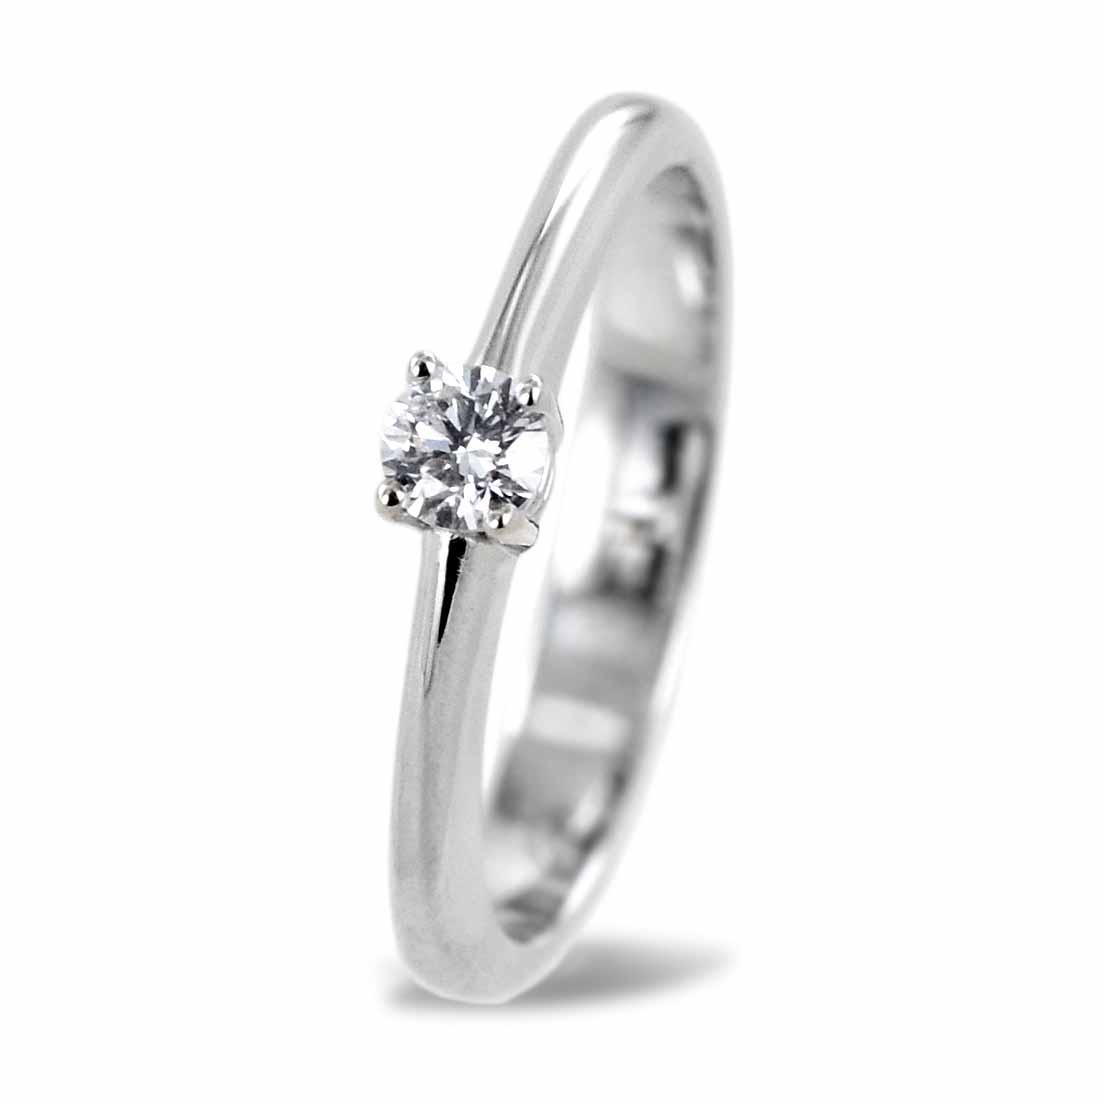 Anello Solitario piccolo con diamante da 0.10 carati